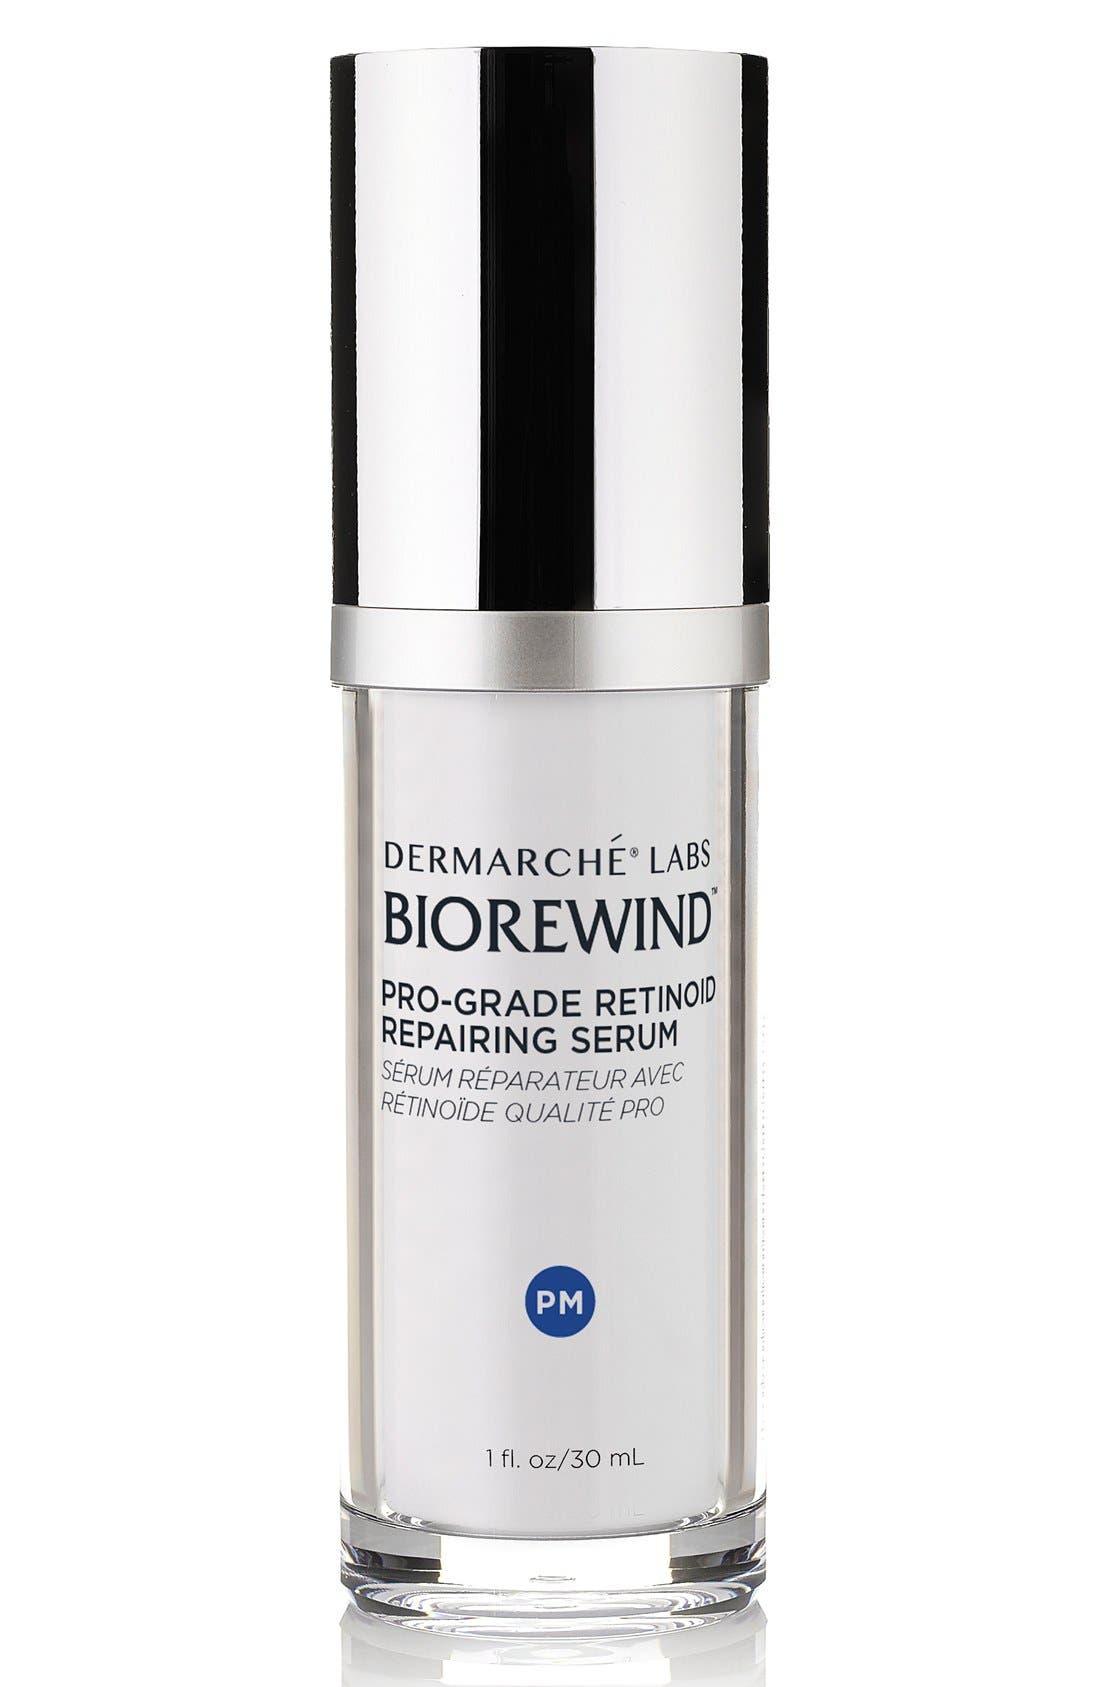 Dermarché® Labs 'BioRewind PM' Pro-Grade Retinoid Repairing Serum